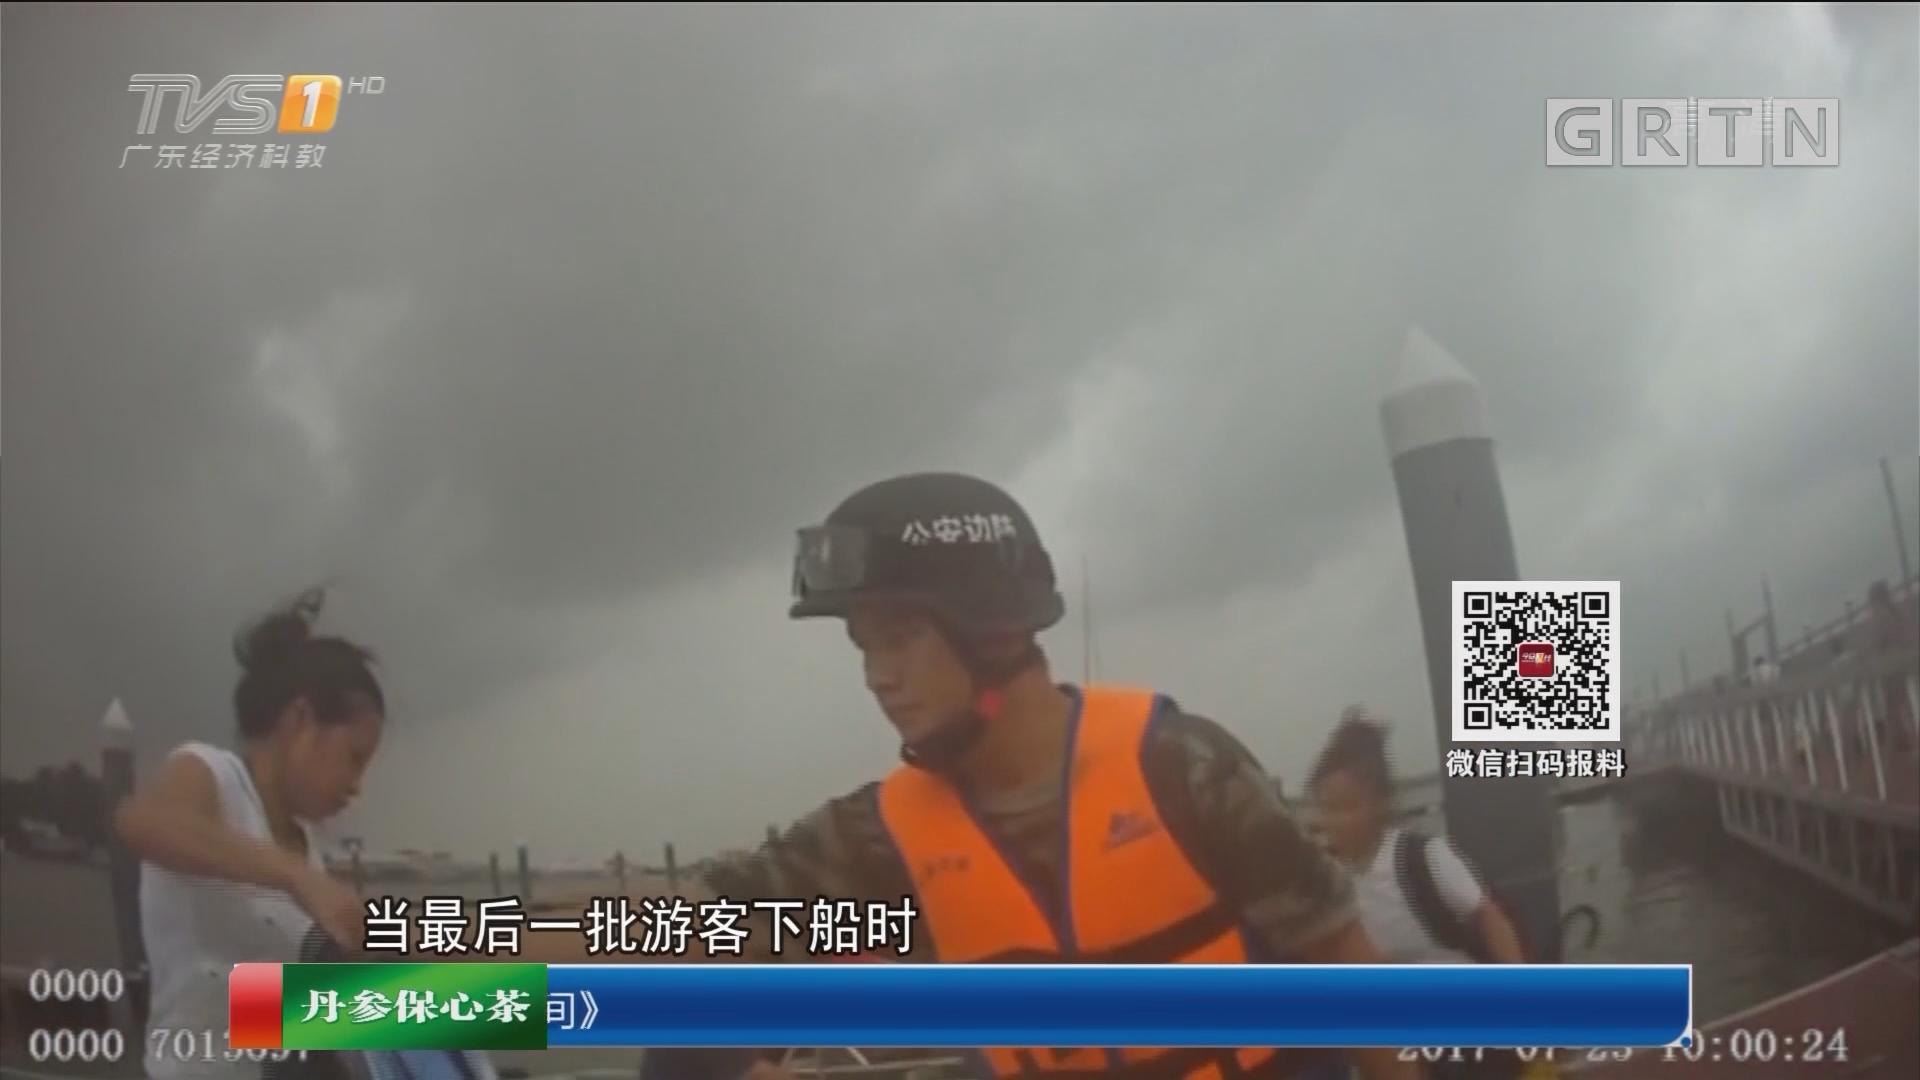 珠海:43游客被困海岛 边防官兵登岛救人